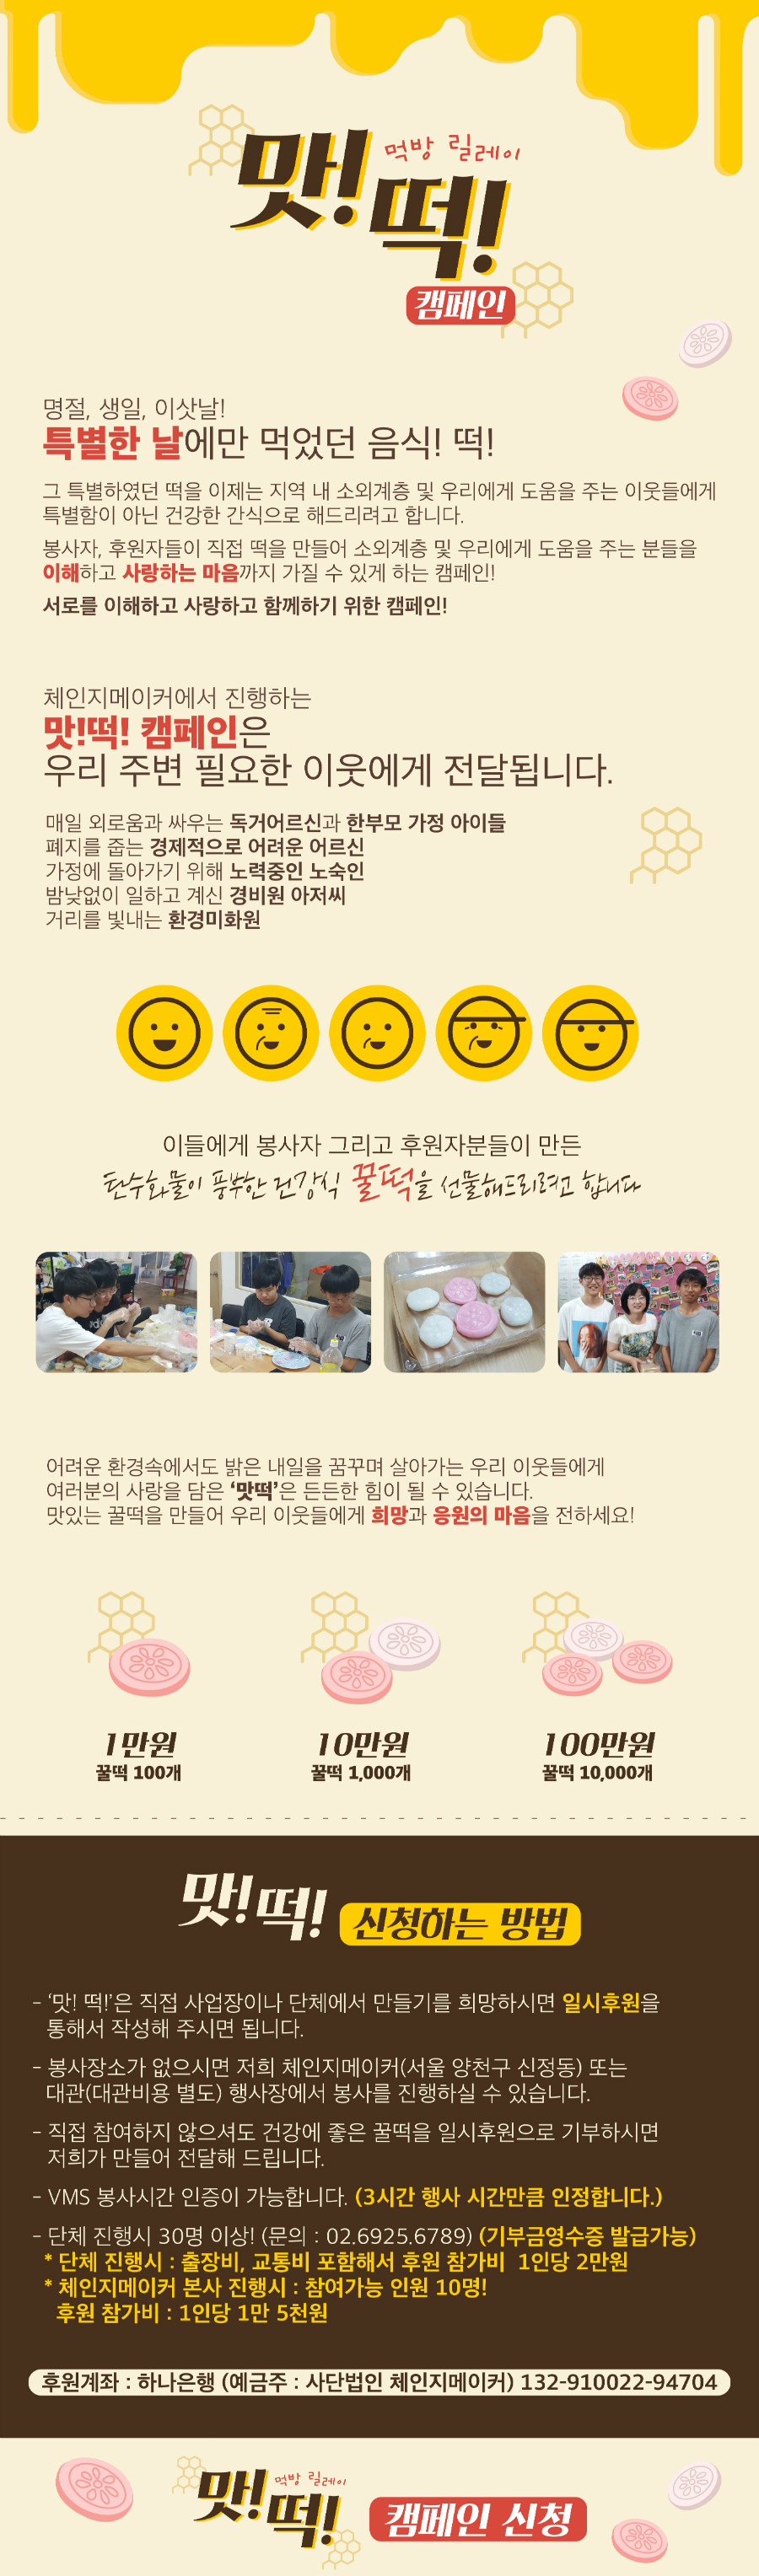 맛떡 캠페인 웹페이지 (최종).jpg